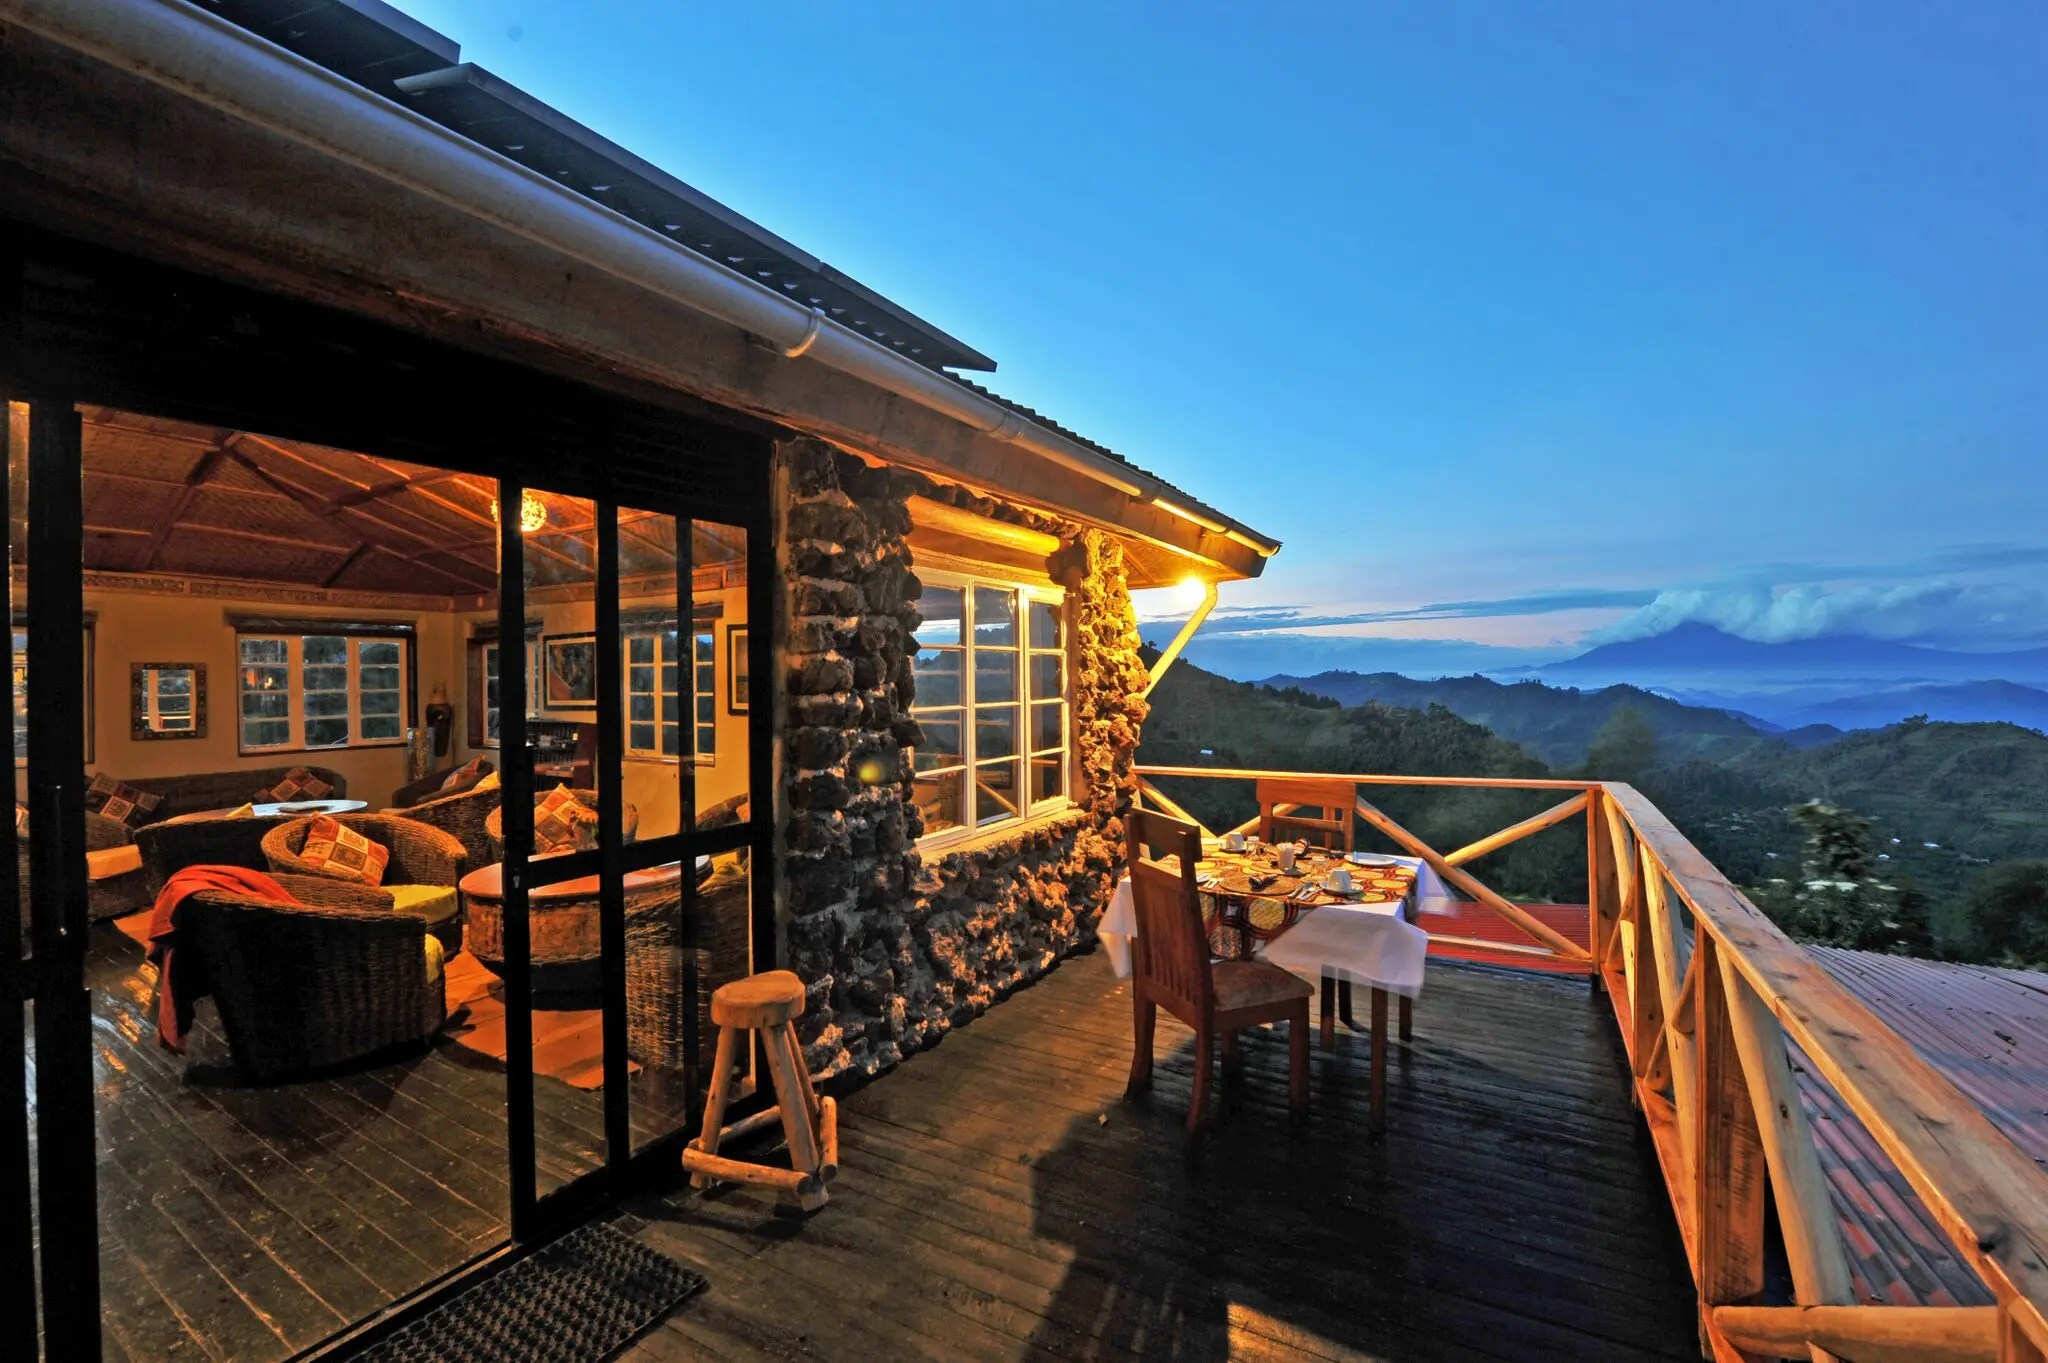 SAFARI ACCOMMODATION - Nkuringo Bwindi Gorilla Lodge